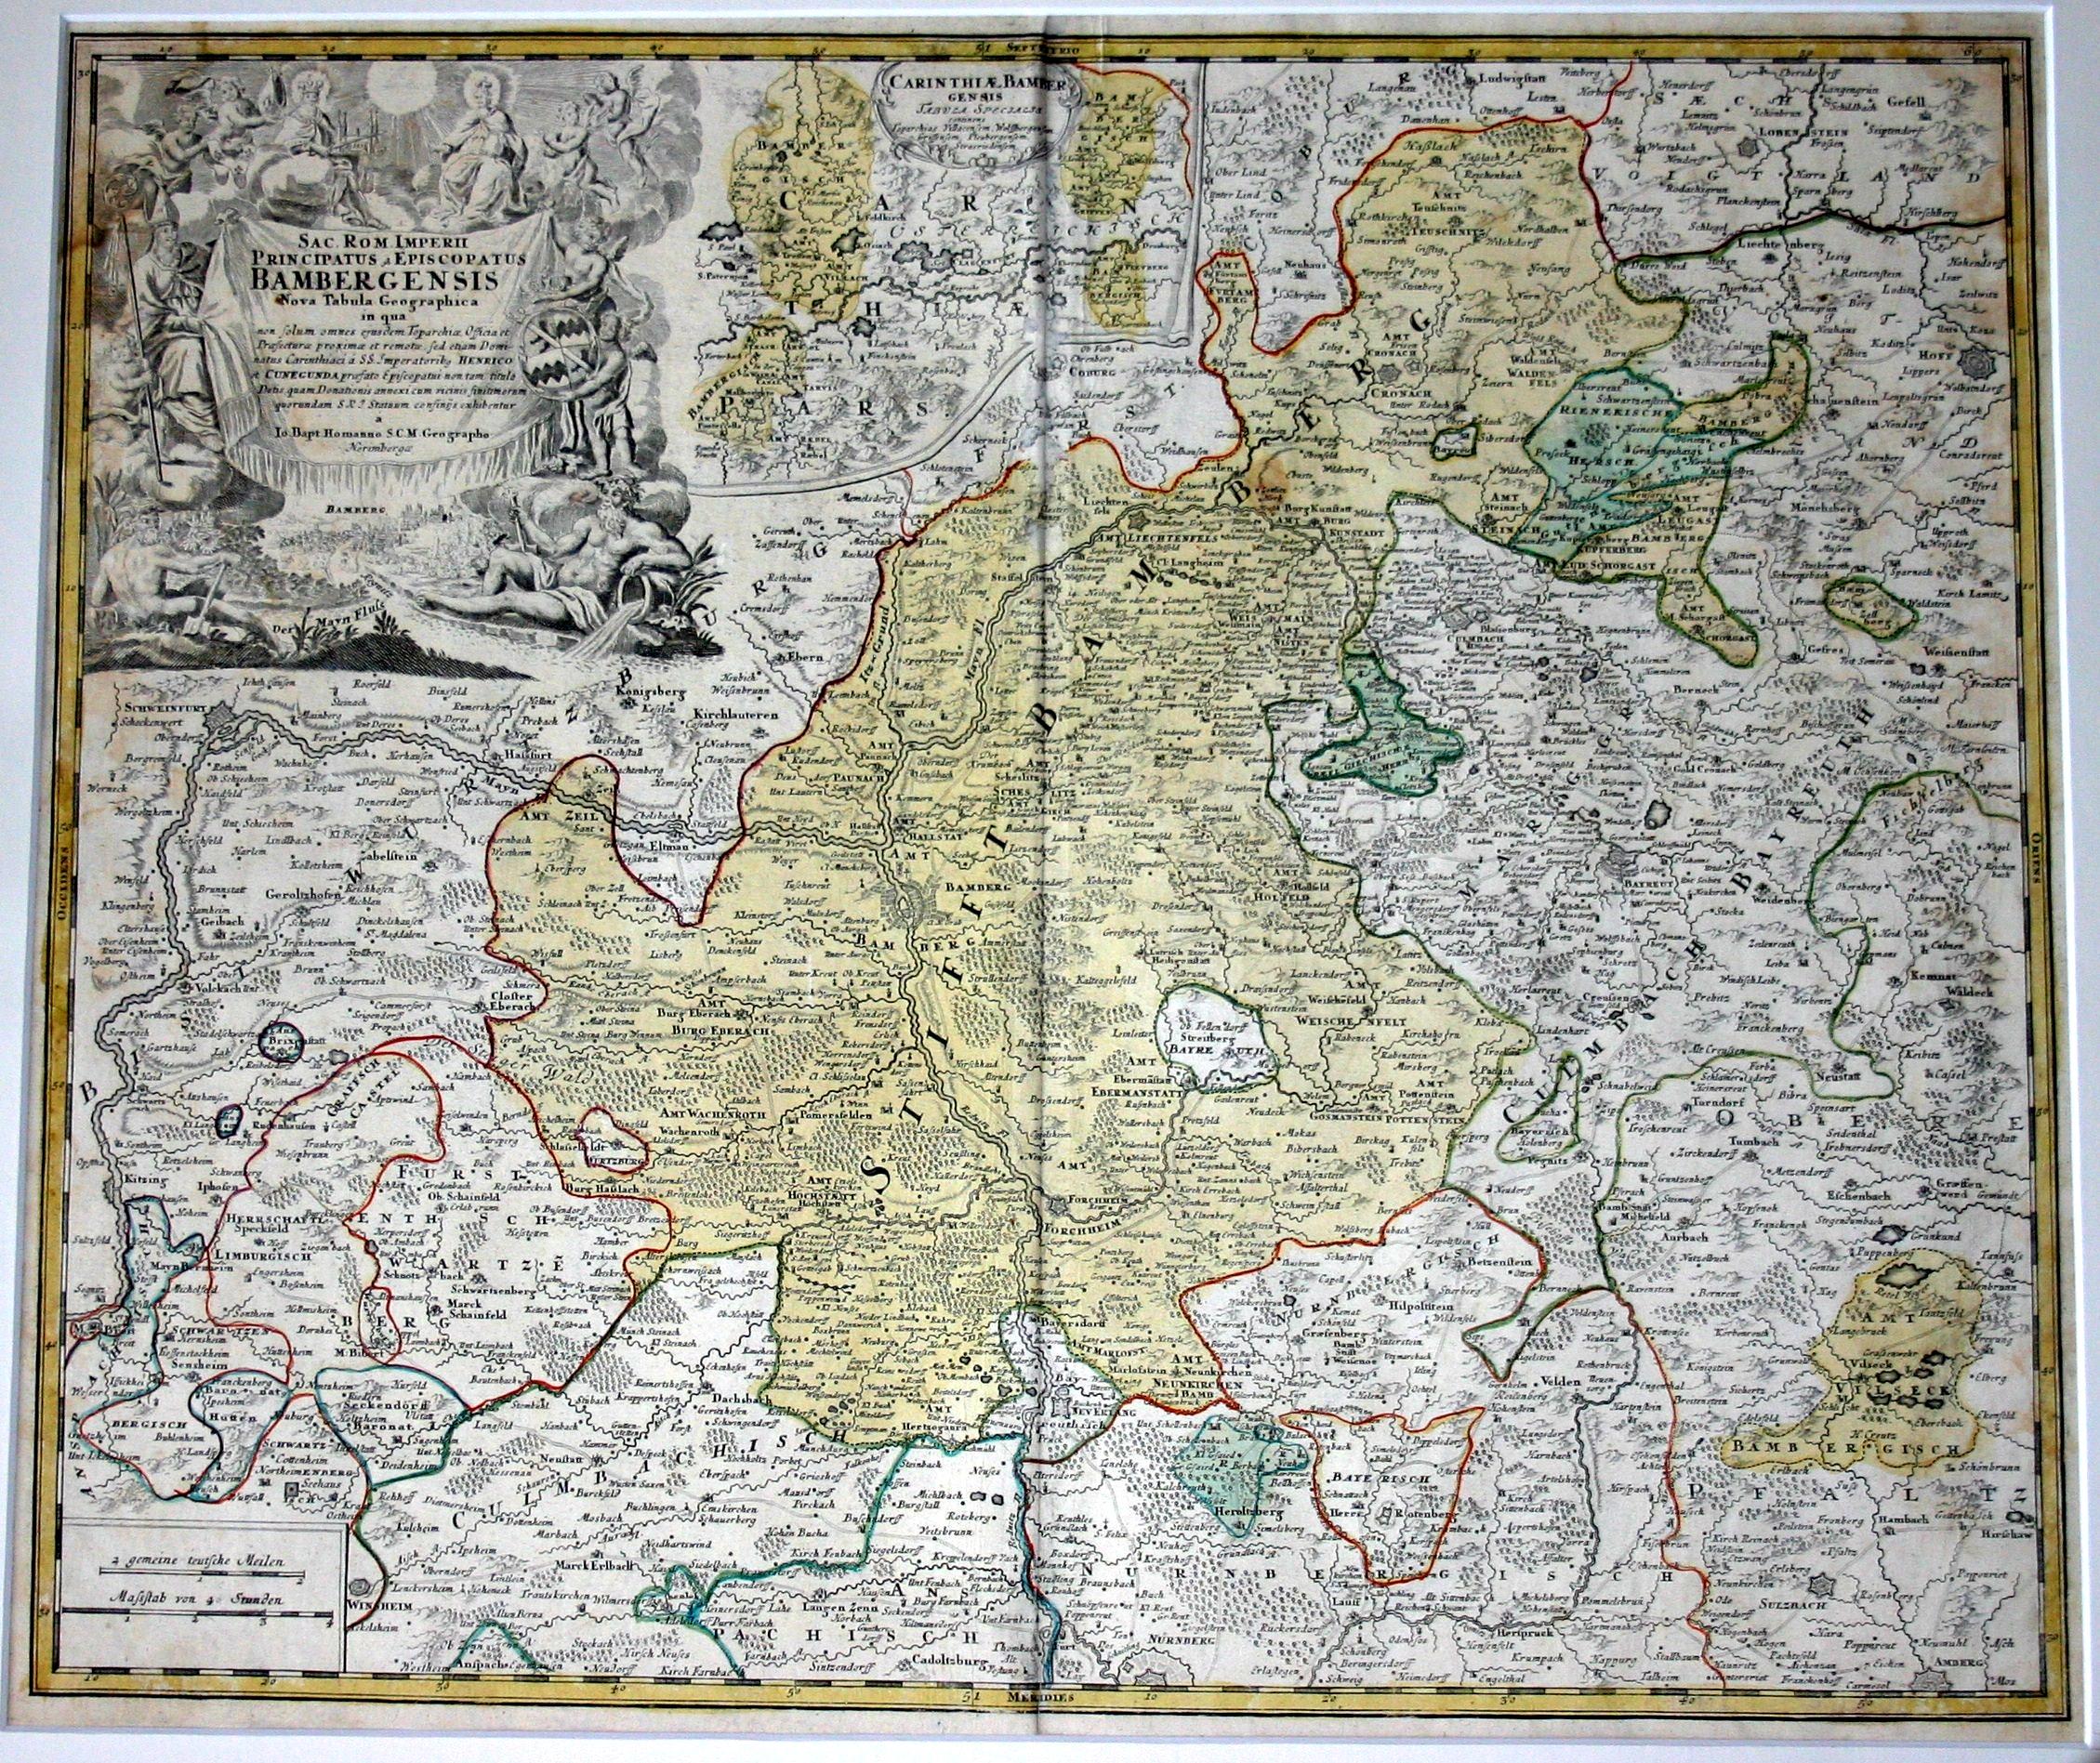 Karte Bamberg Landkarte.Datei Karte Hochstift Bamberg Jpg Wikipedia